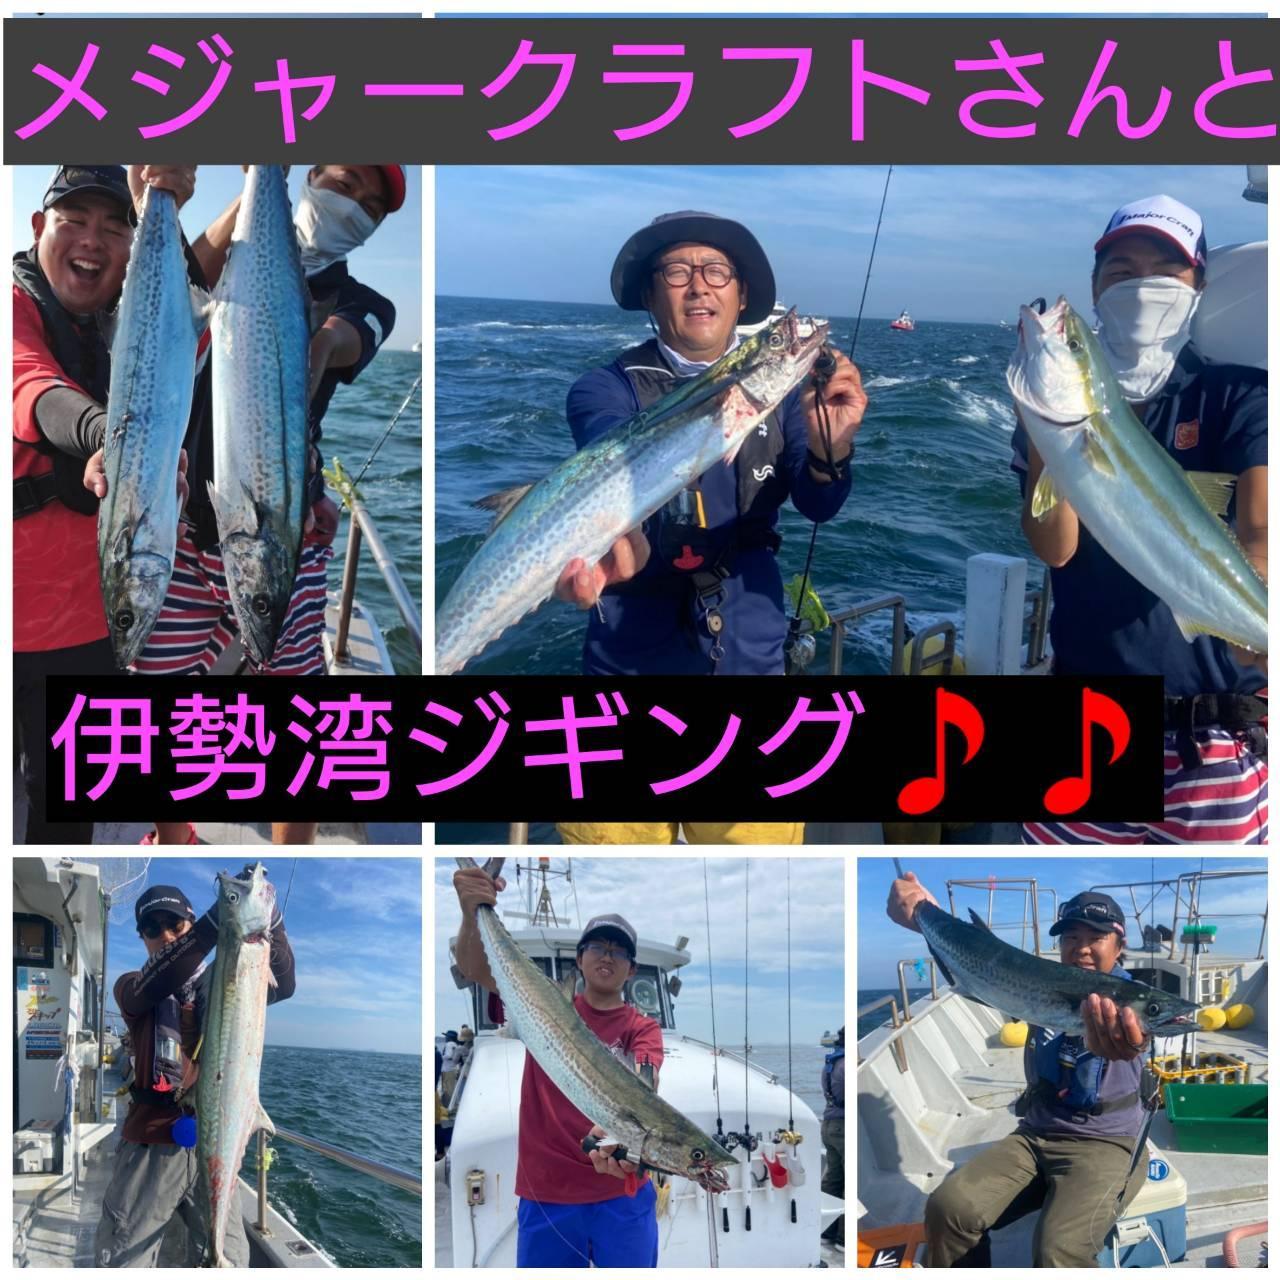 メジャークラフト ヒロセマンさん、高谷さん、柴田さんとイシグロスタッフで伊勢湾ジギングに行ってきました!!